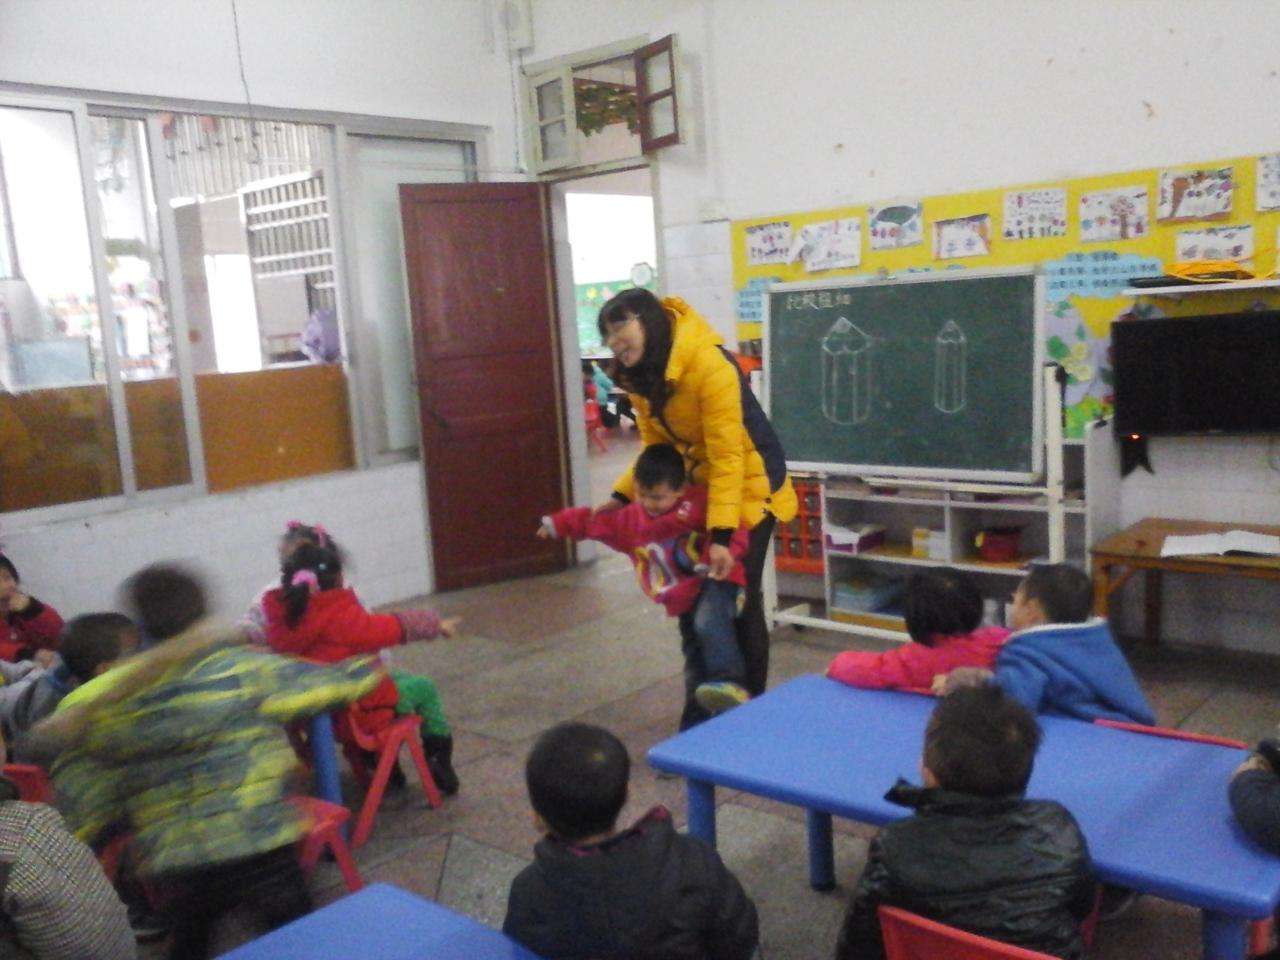 幼儿园老师和小朋友打招呼图片